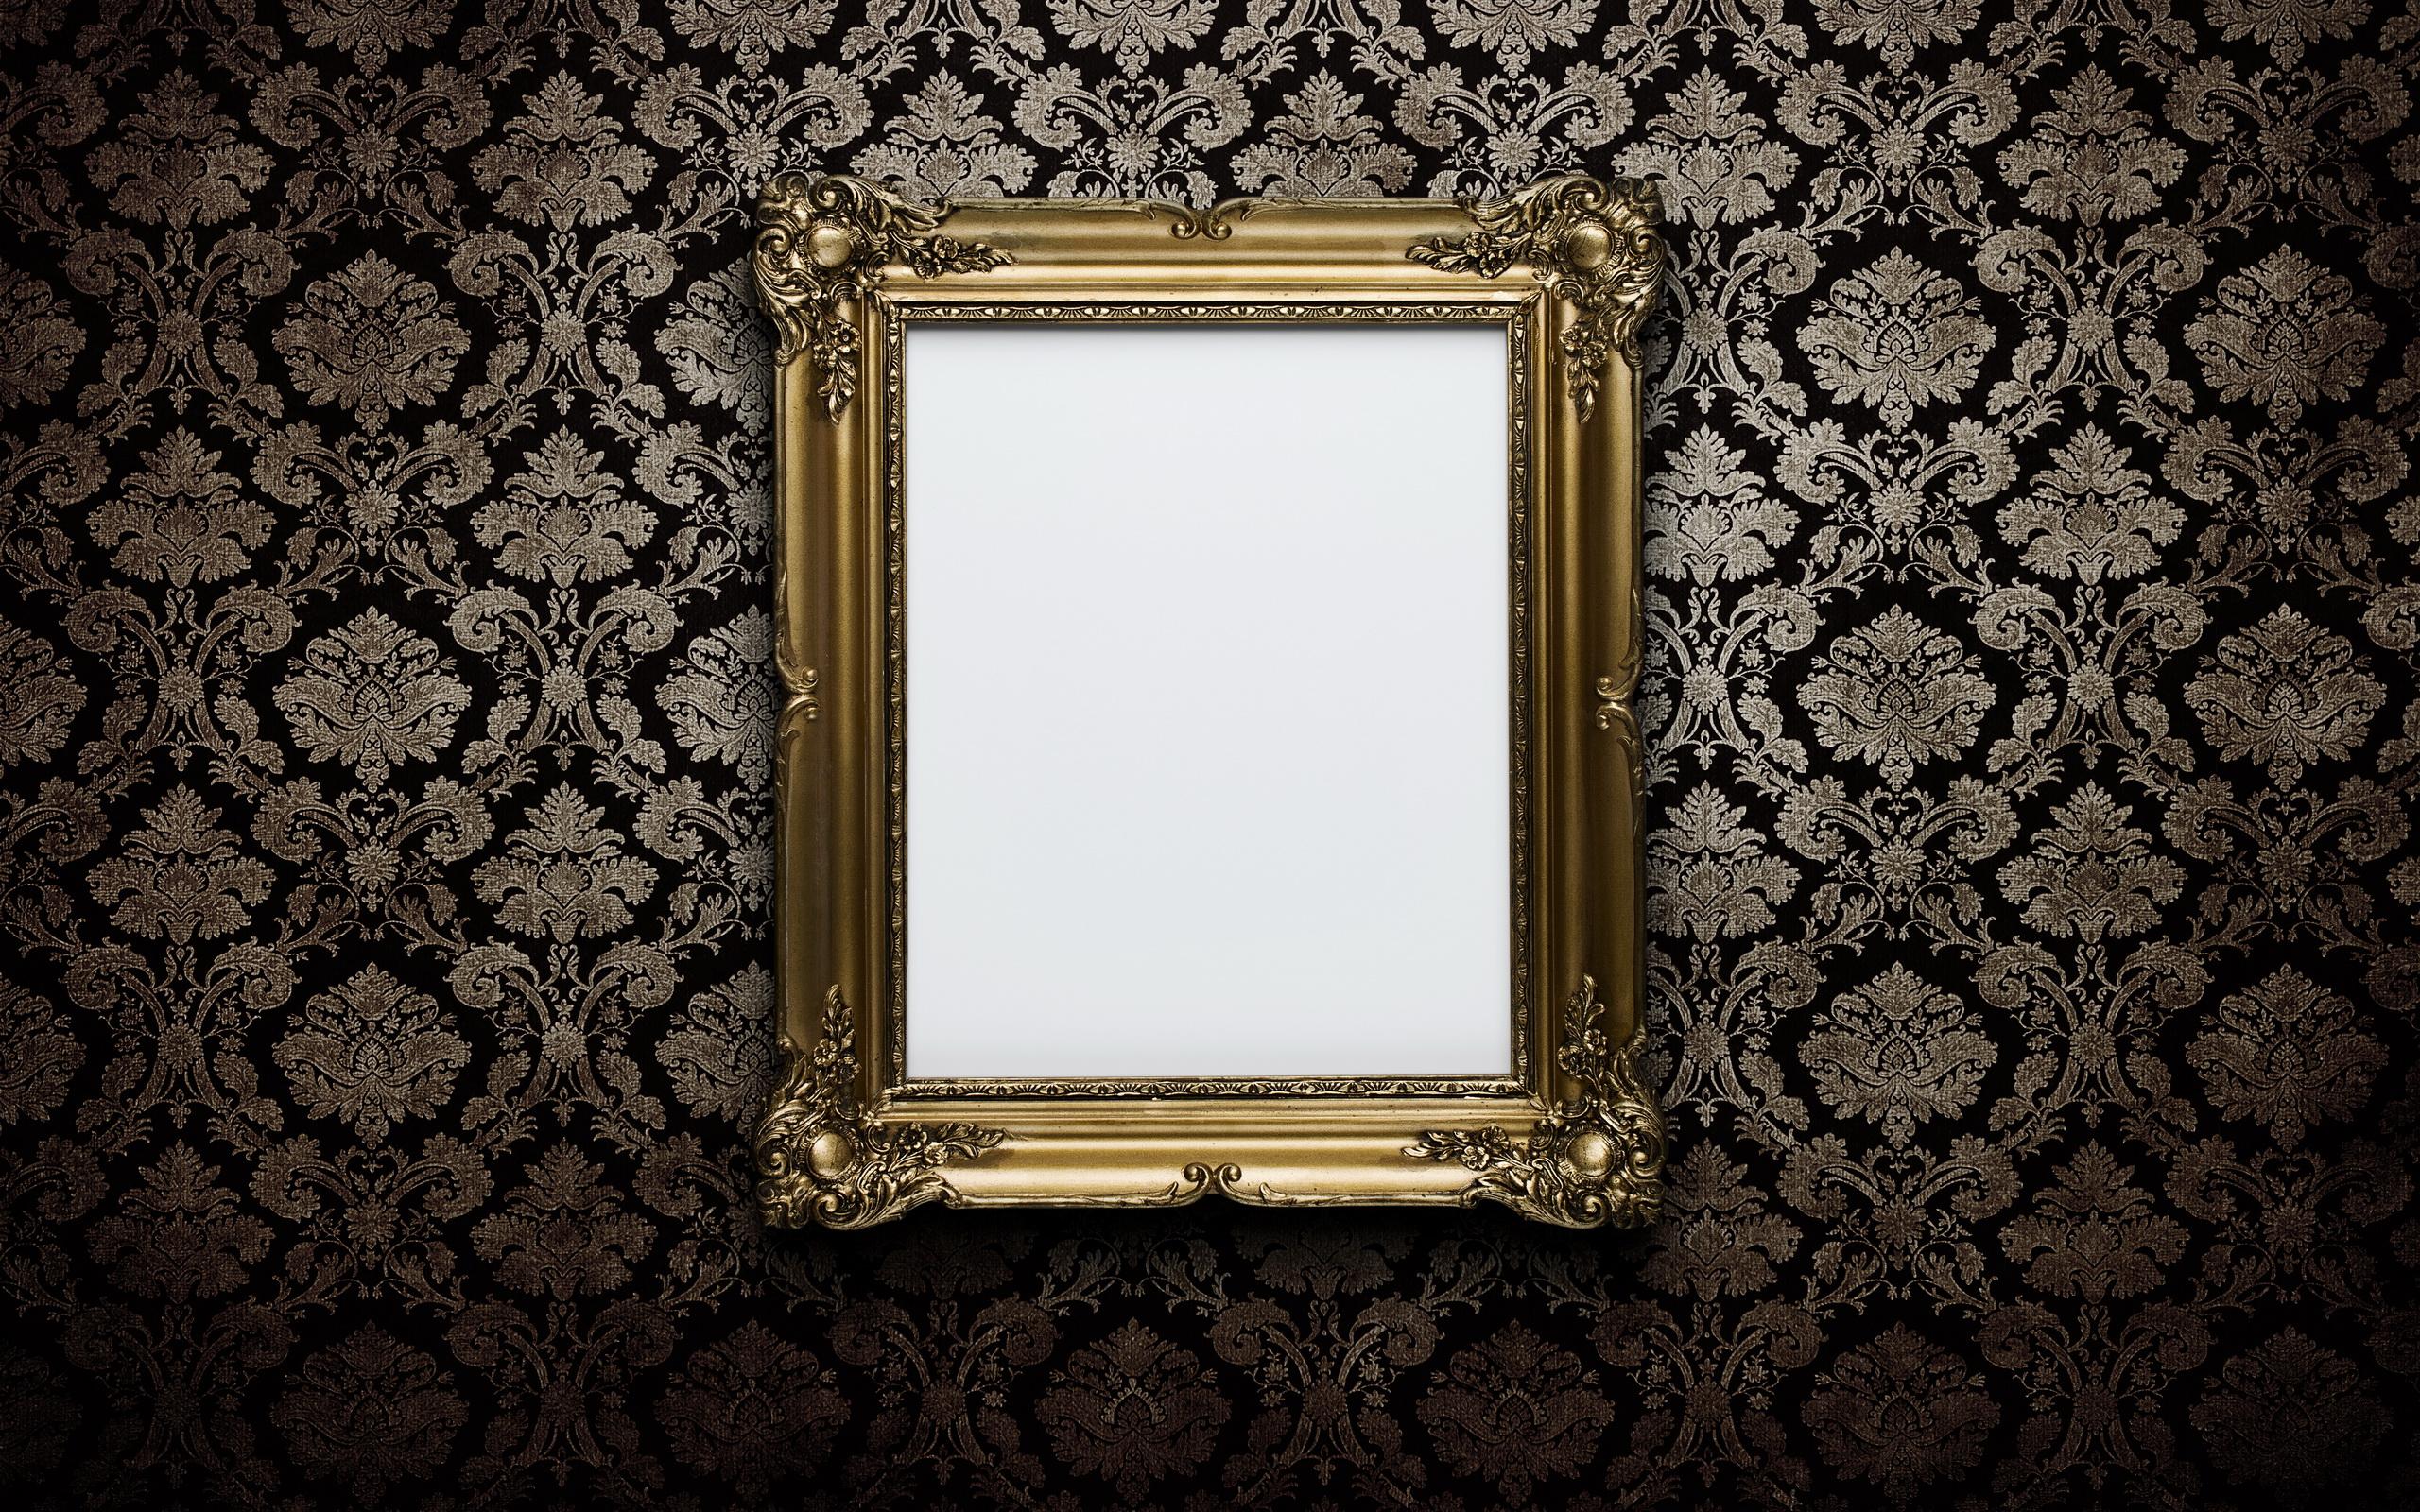 frame background wallpaper  skantitech - green frame backgrounds wallpapers for powerpoint